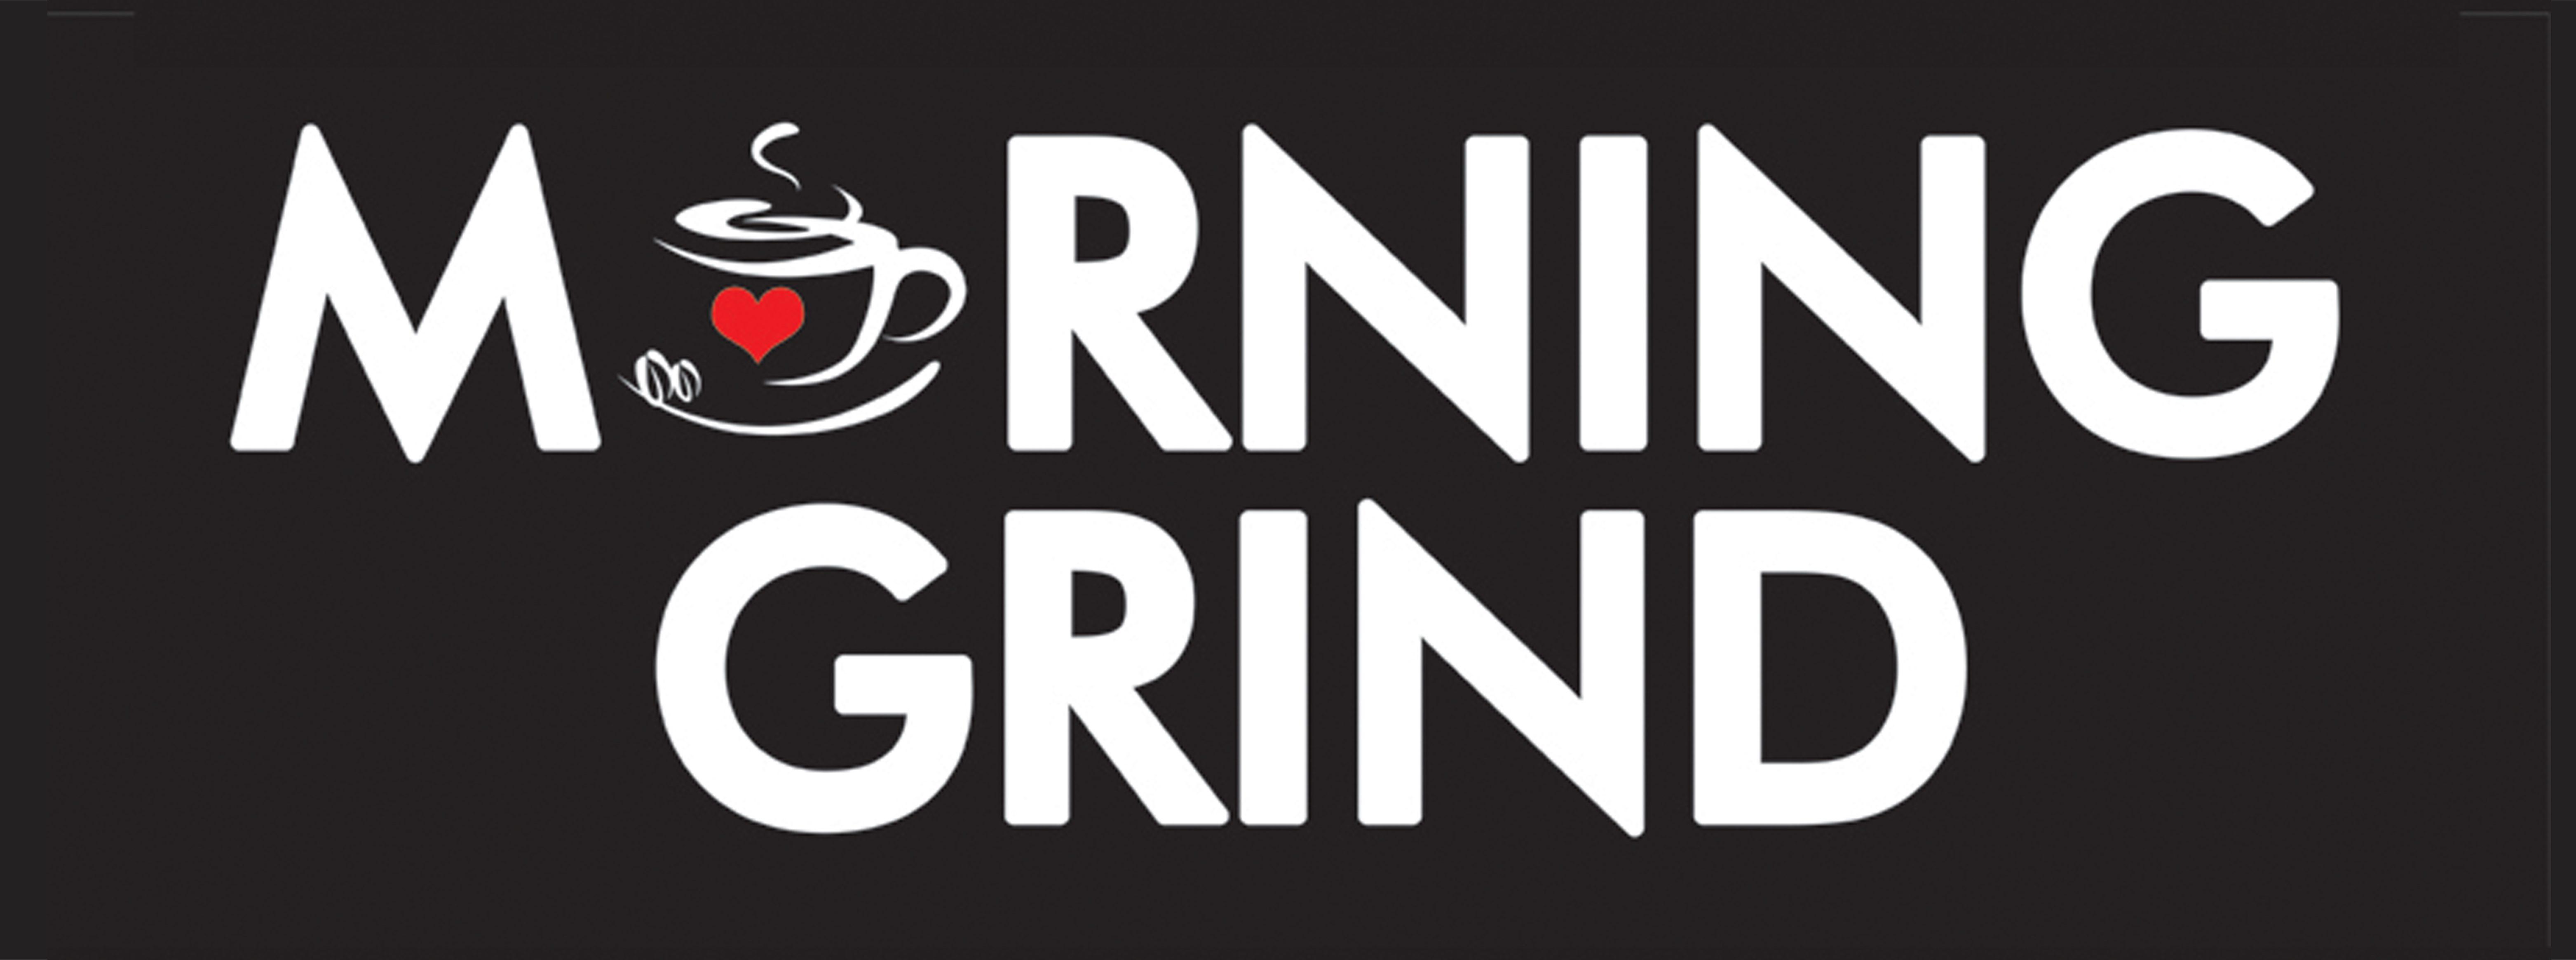 Morning Grind Cafe